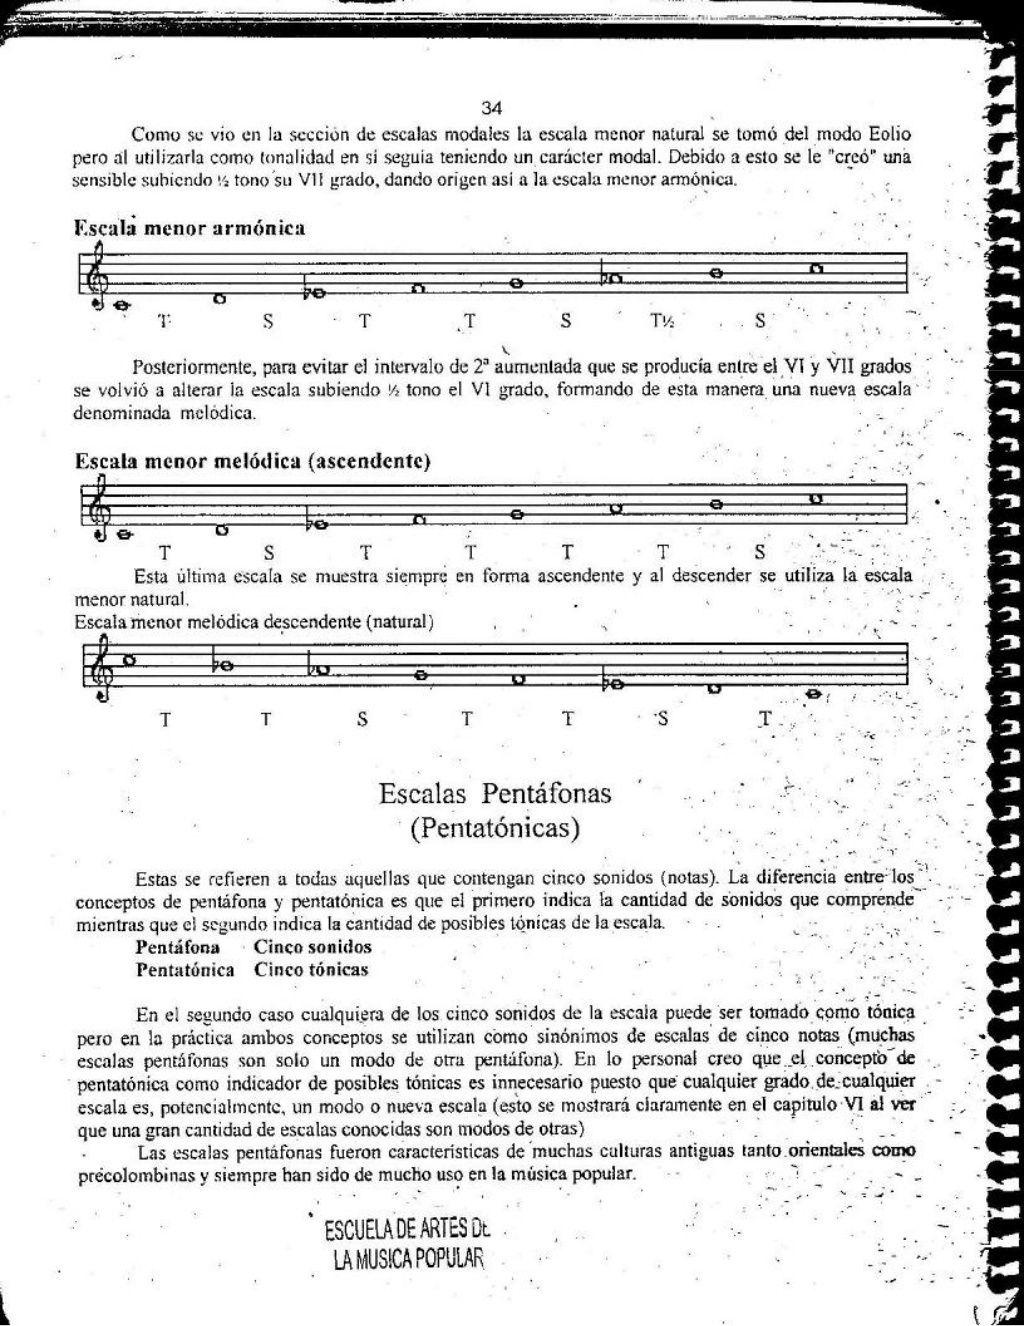 El Libro De Las Escalas En 2020 Acordes Musicales Libros De Música Composición Musical